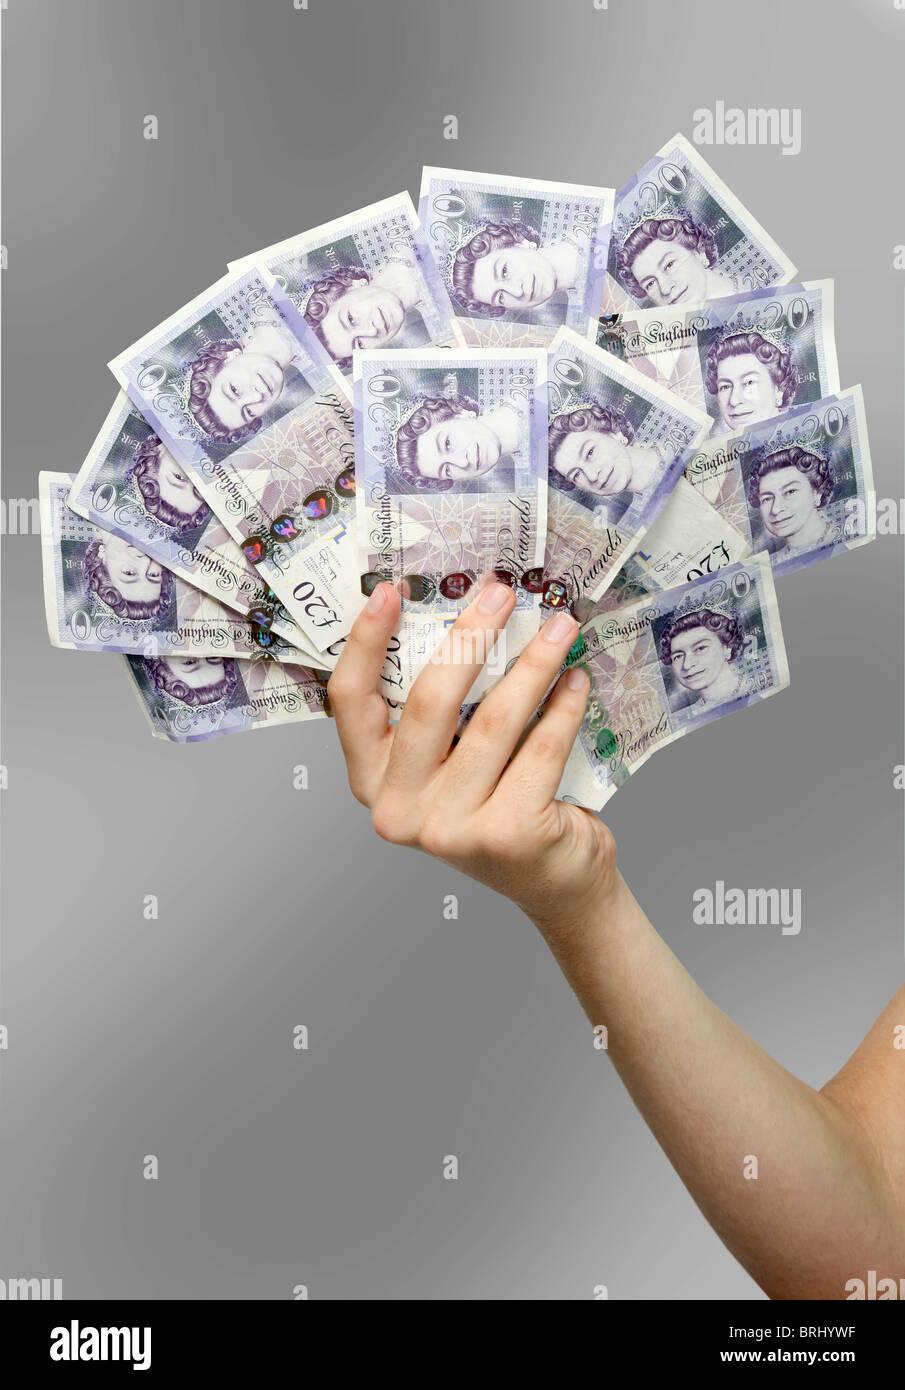 British £20 notas retenidos por hombre mano Imagen De Stock